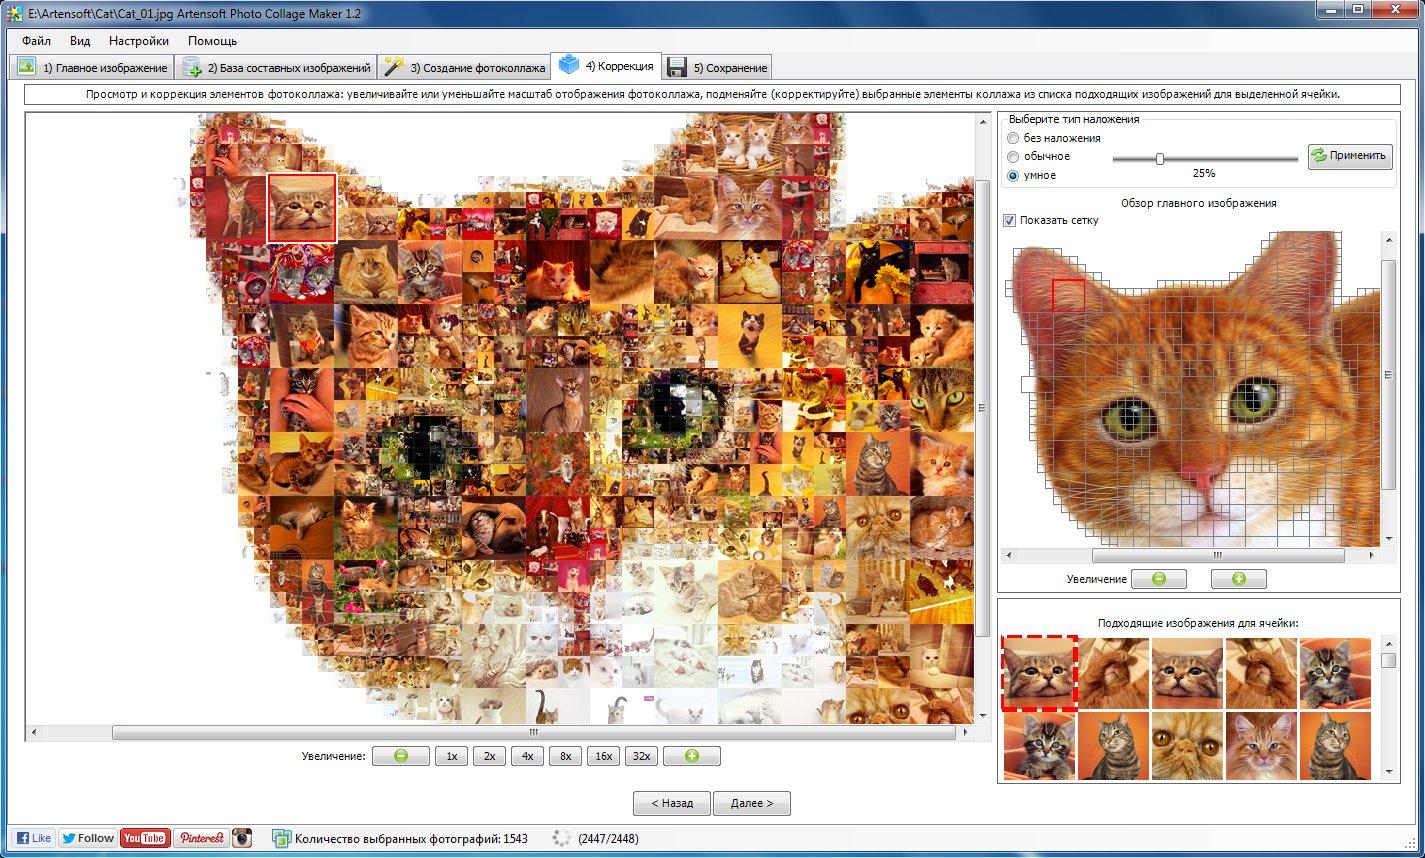 программы для создания фотоколлажей на русском вашим отзывам постоянно